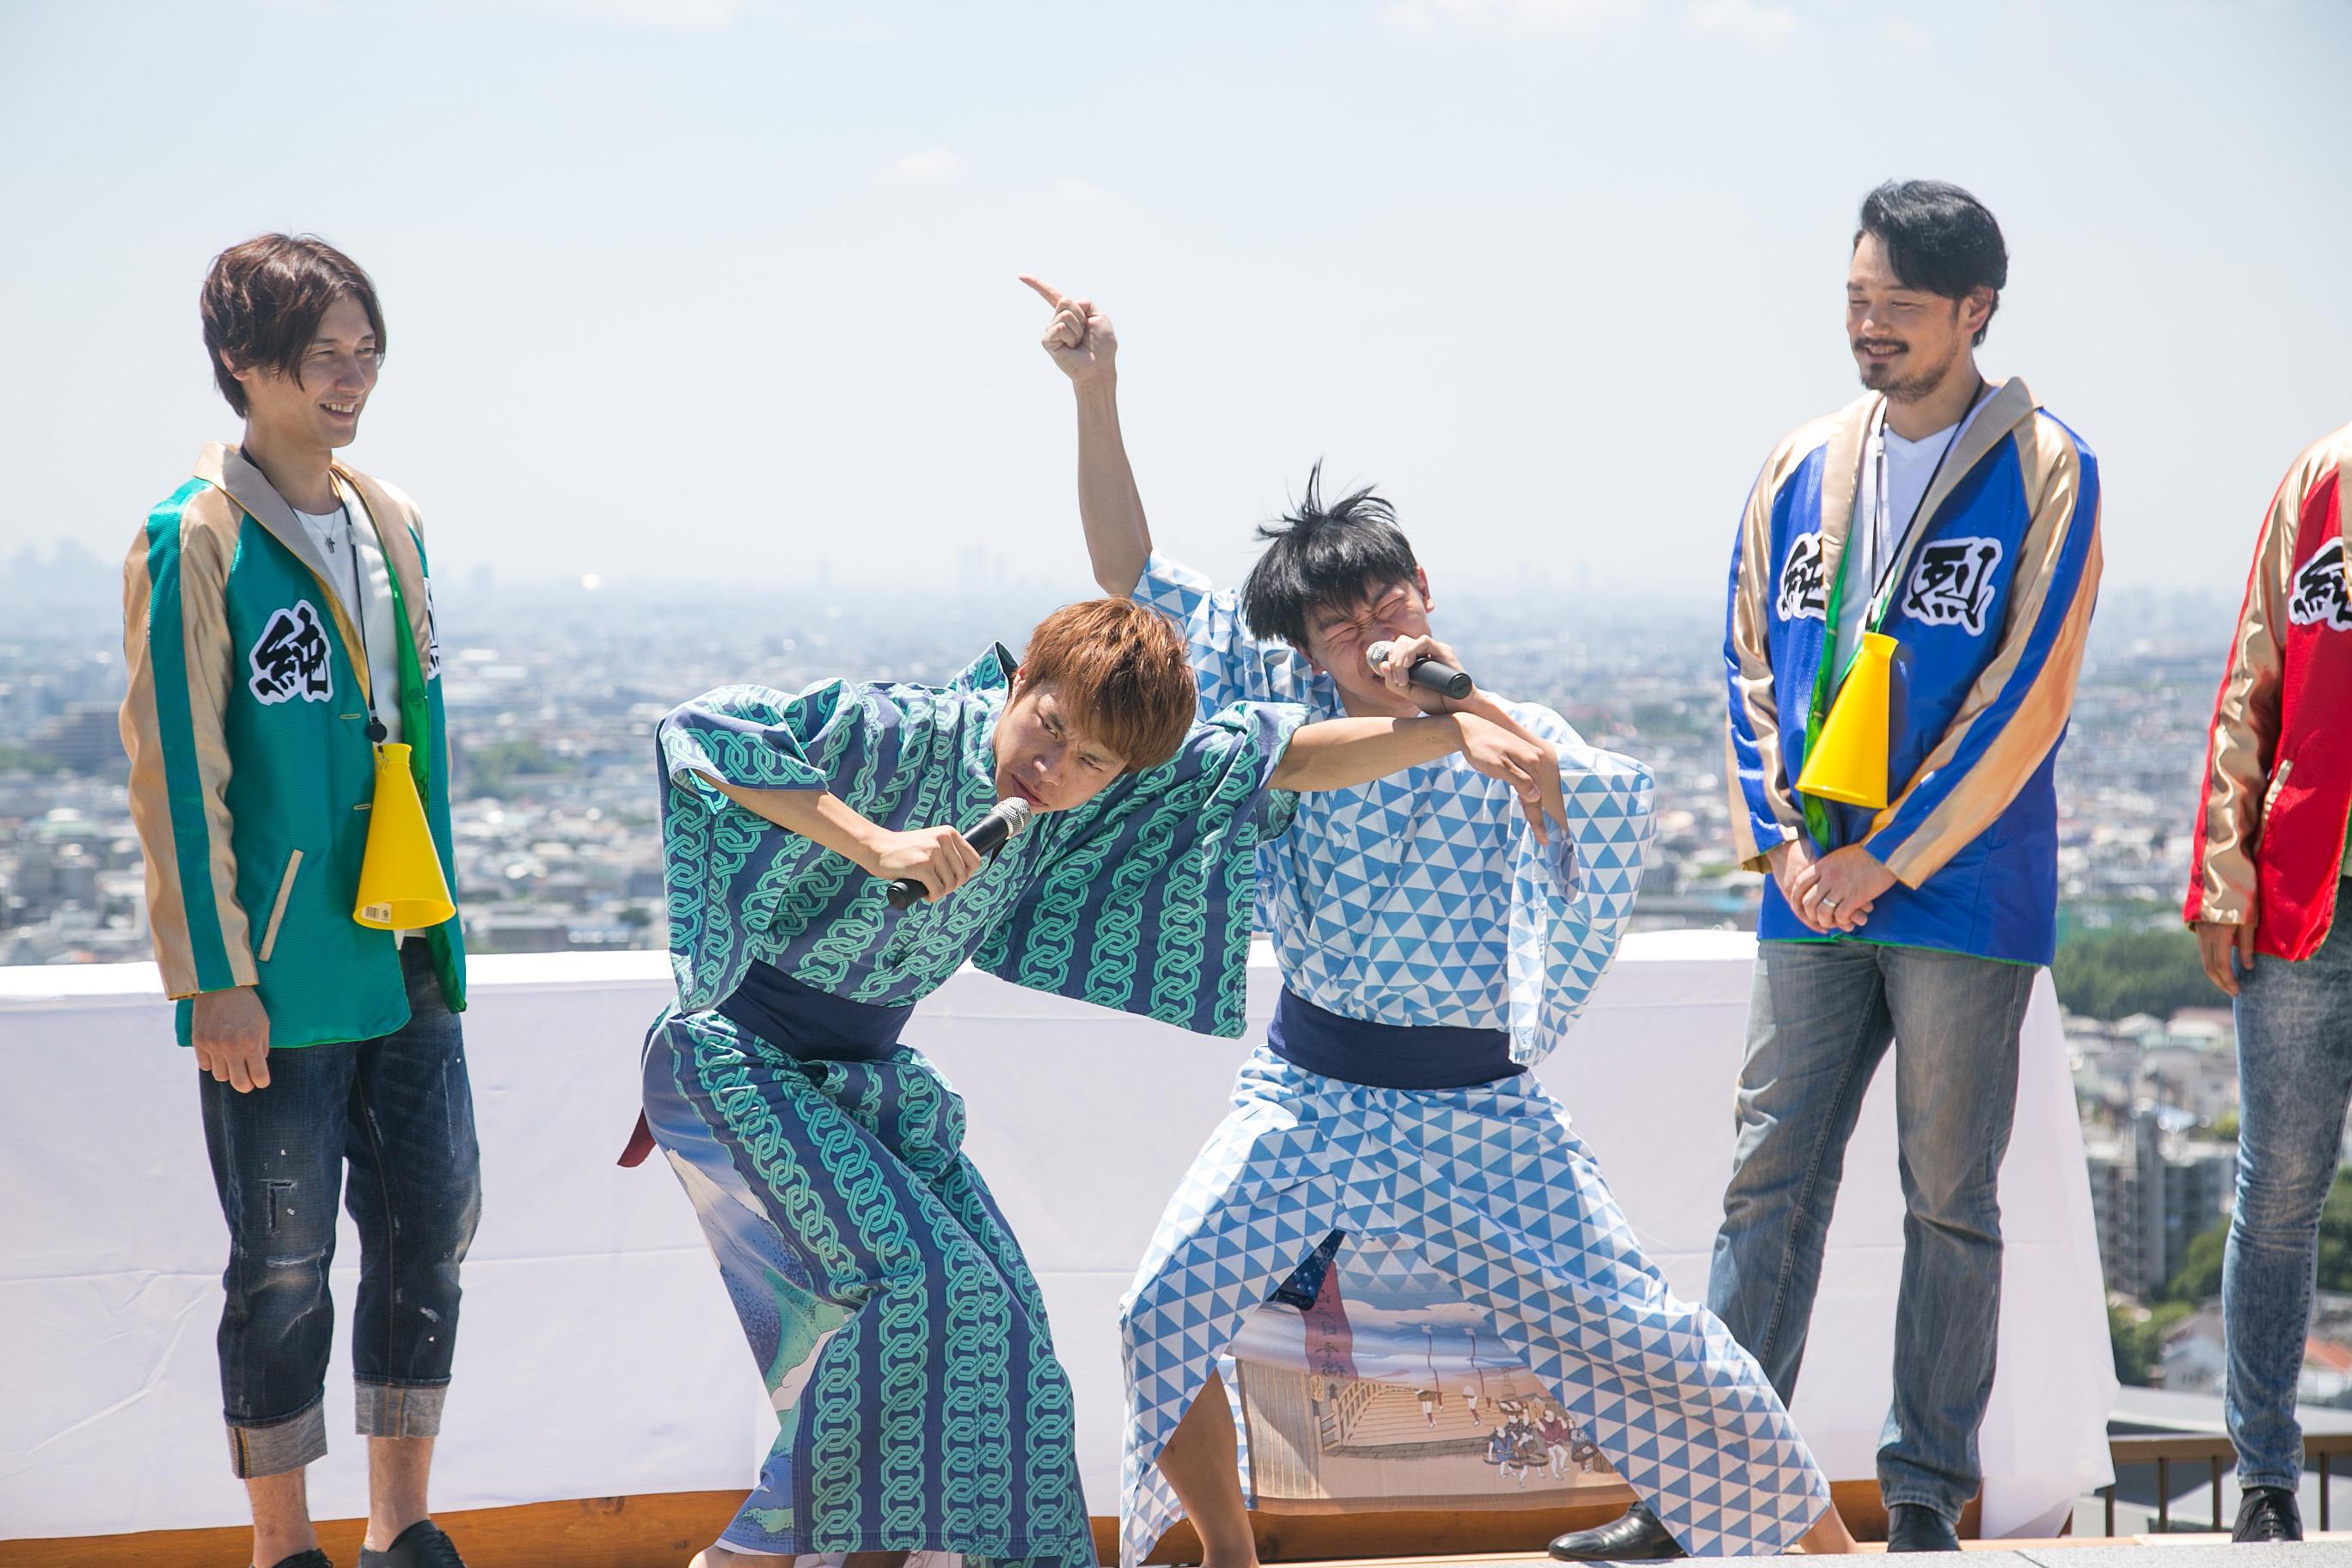 http://news.yoshimoto.co.jp/20180714161838-d8abafb135cc8329f5b9c7aef400f106b0a43b77.jpg